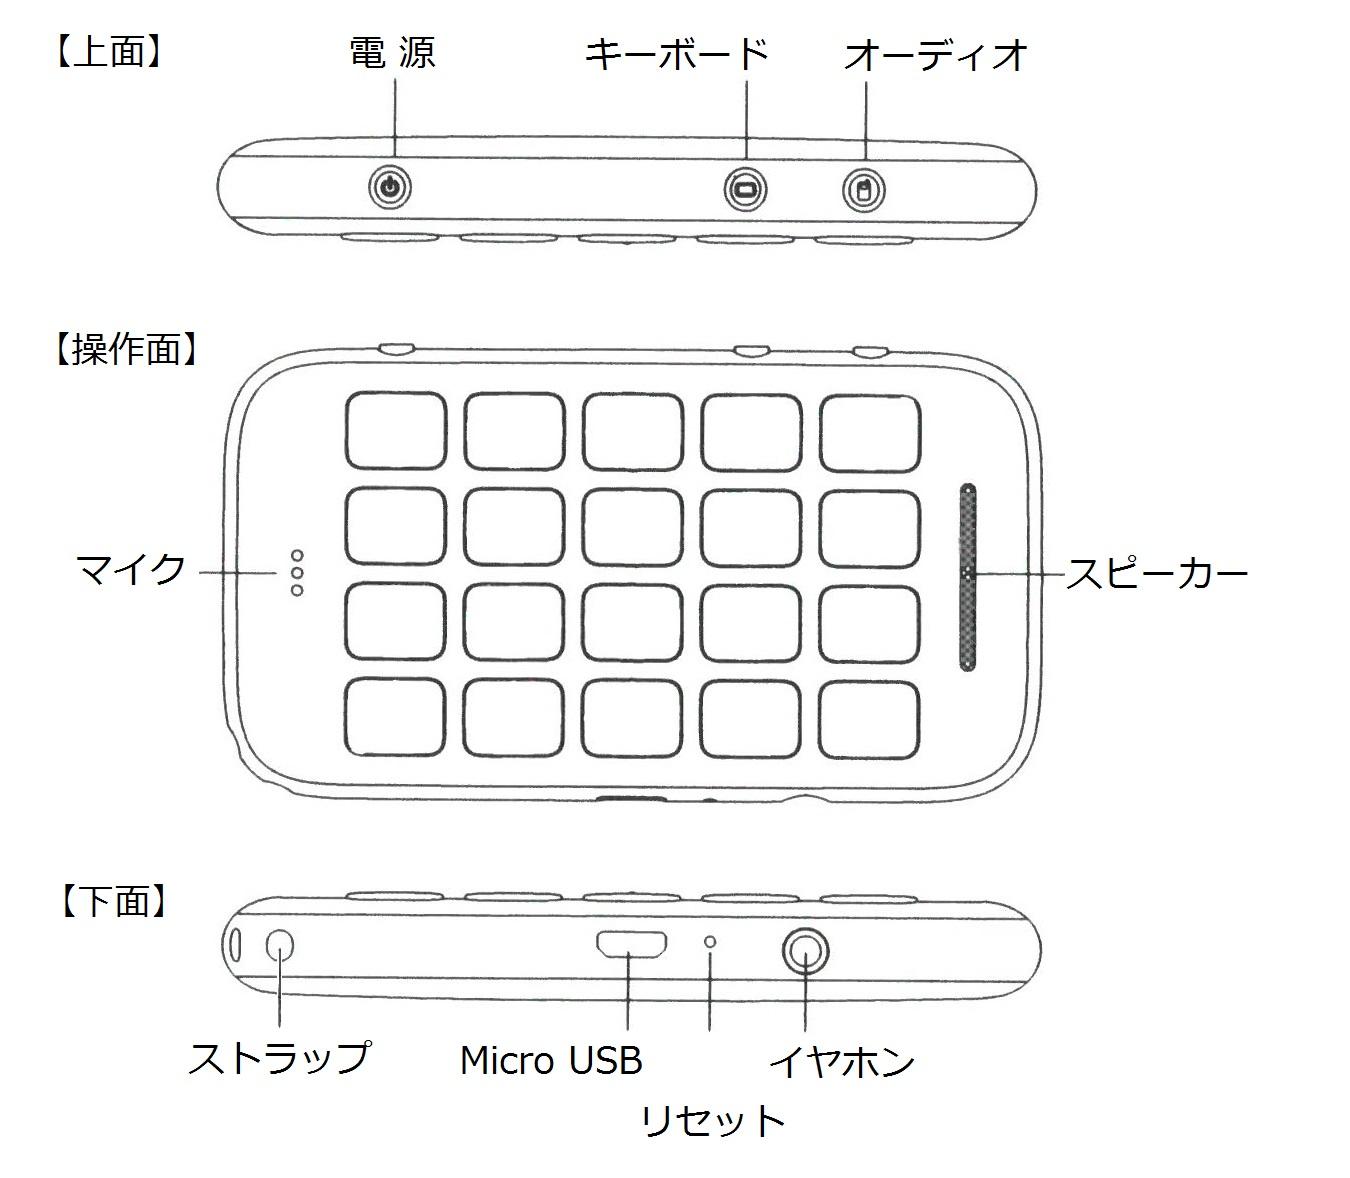 【本体回り図面】上面(奥側):電源ボタン、キーボードボタン、オーディオボタン、下面(手前側):ストラップ穴、Micro USB端子、リセット、イヤホン端子